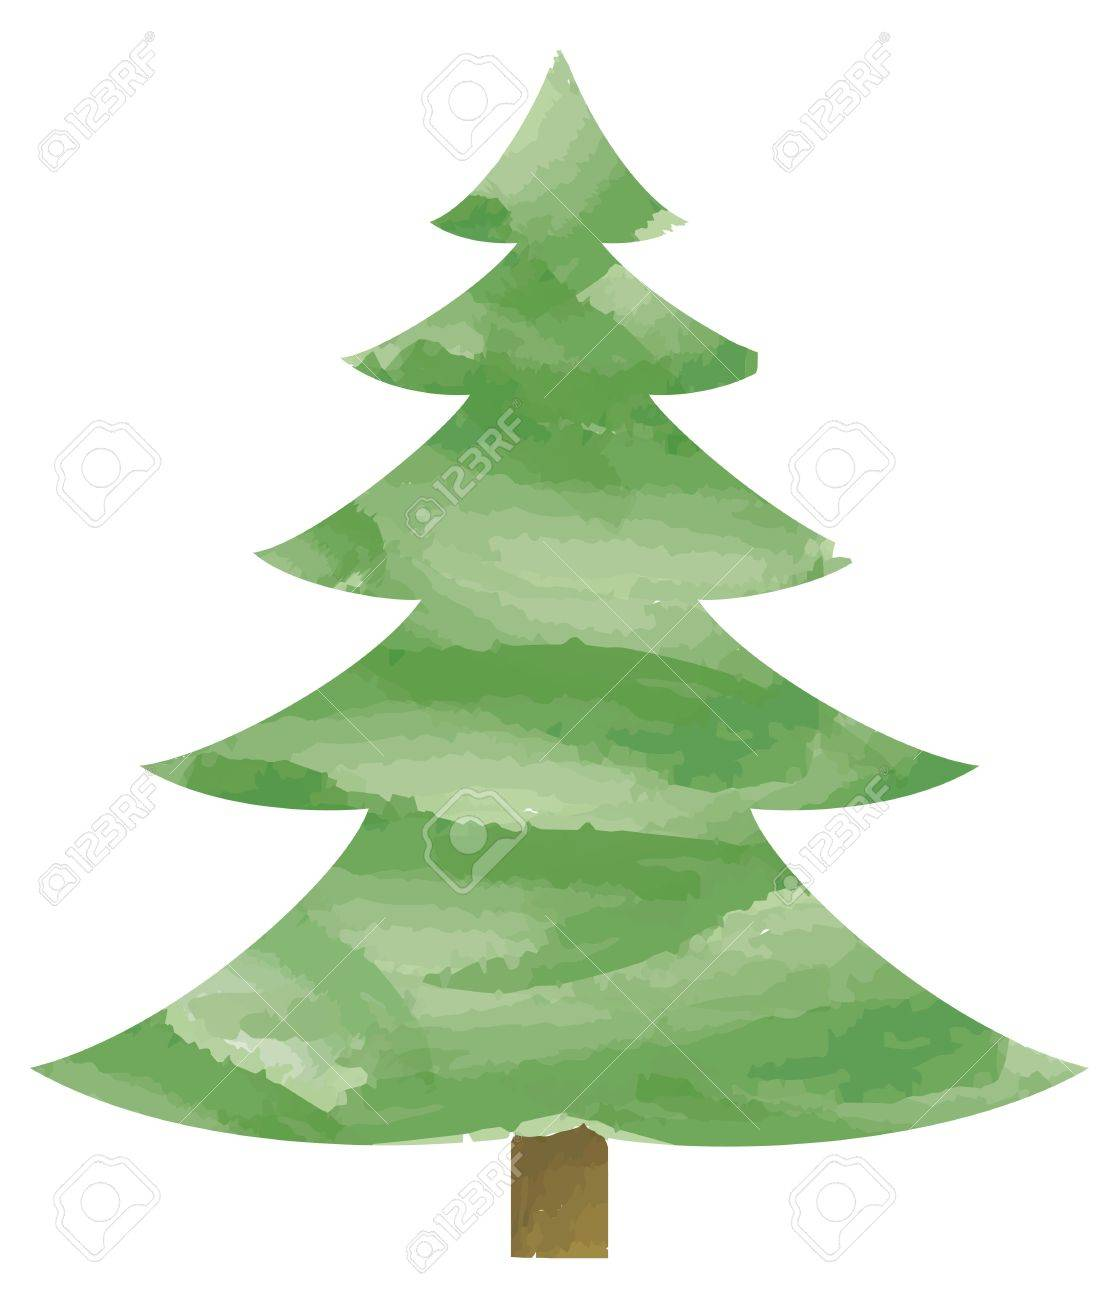 モミの木のベクトル イラストのイラスト素材ベクタ Image 16256406